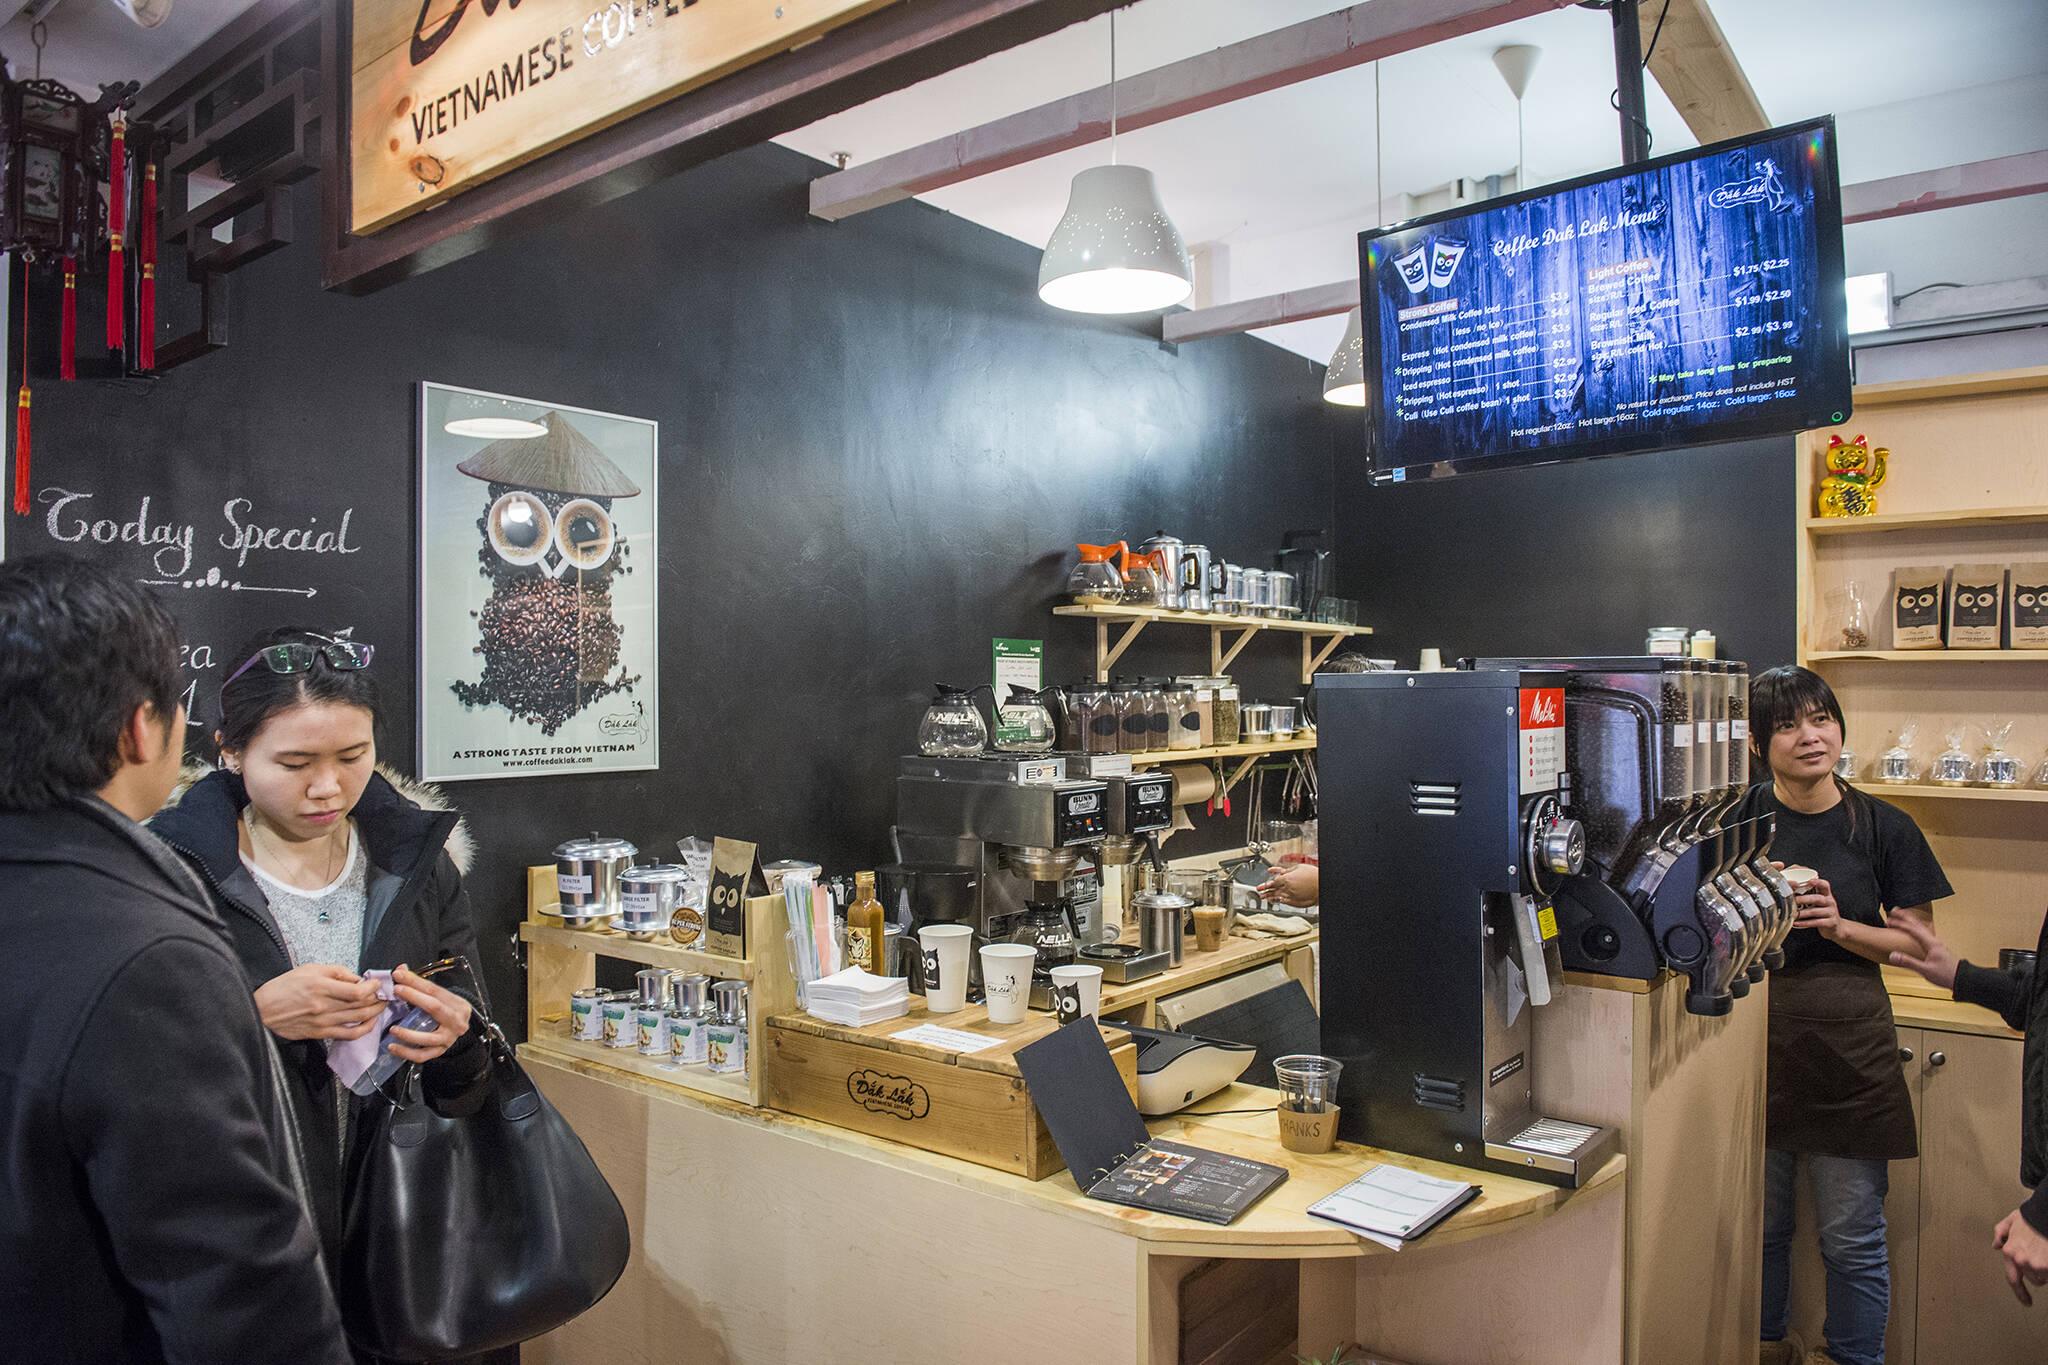 cafes markham